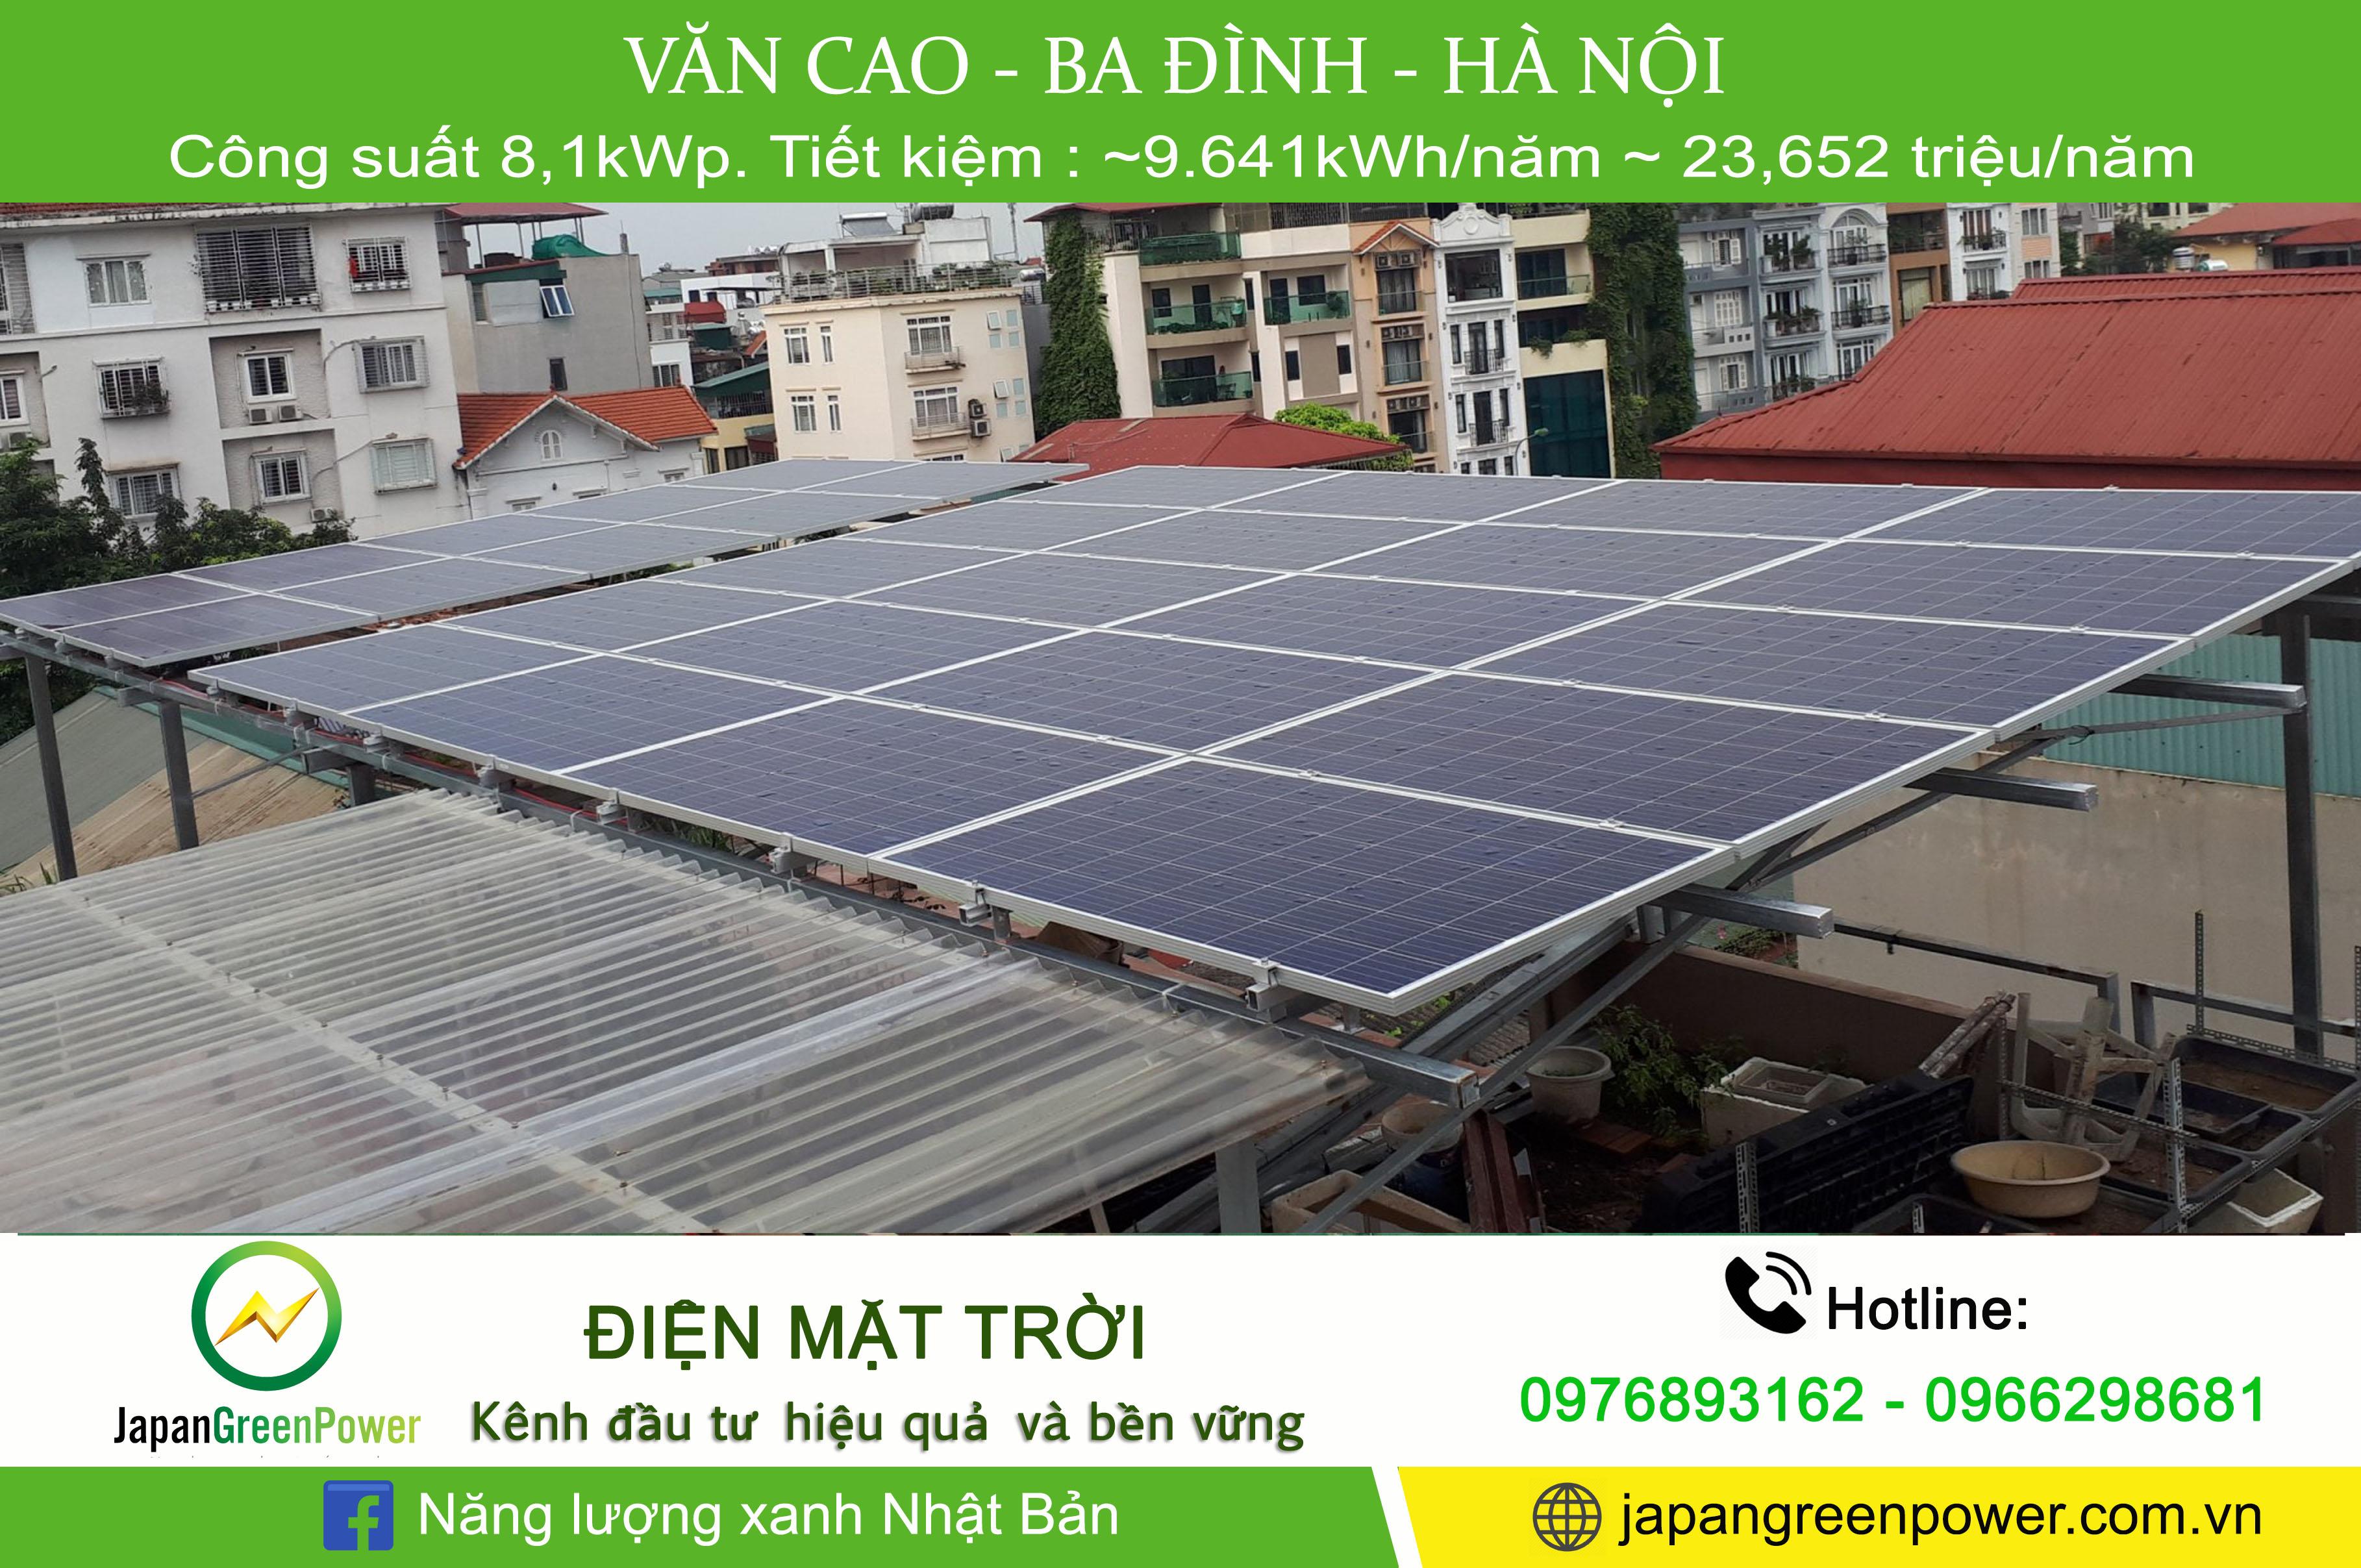 Những lợi ích của điện mặt trời mà con người chưa biết đến. Liệu chúng ta có đang lãng phí nguồn nhiệt liệu sạch đến từ tự nhiên này?